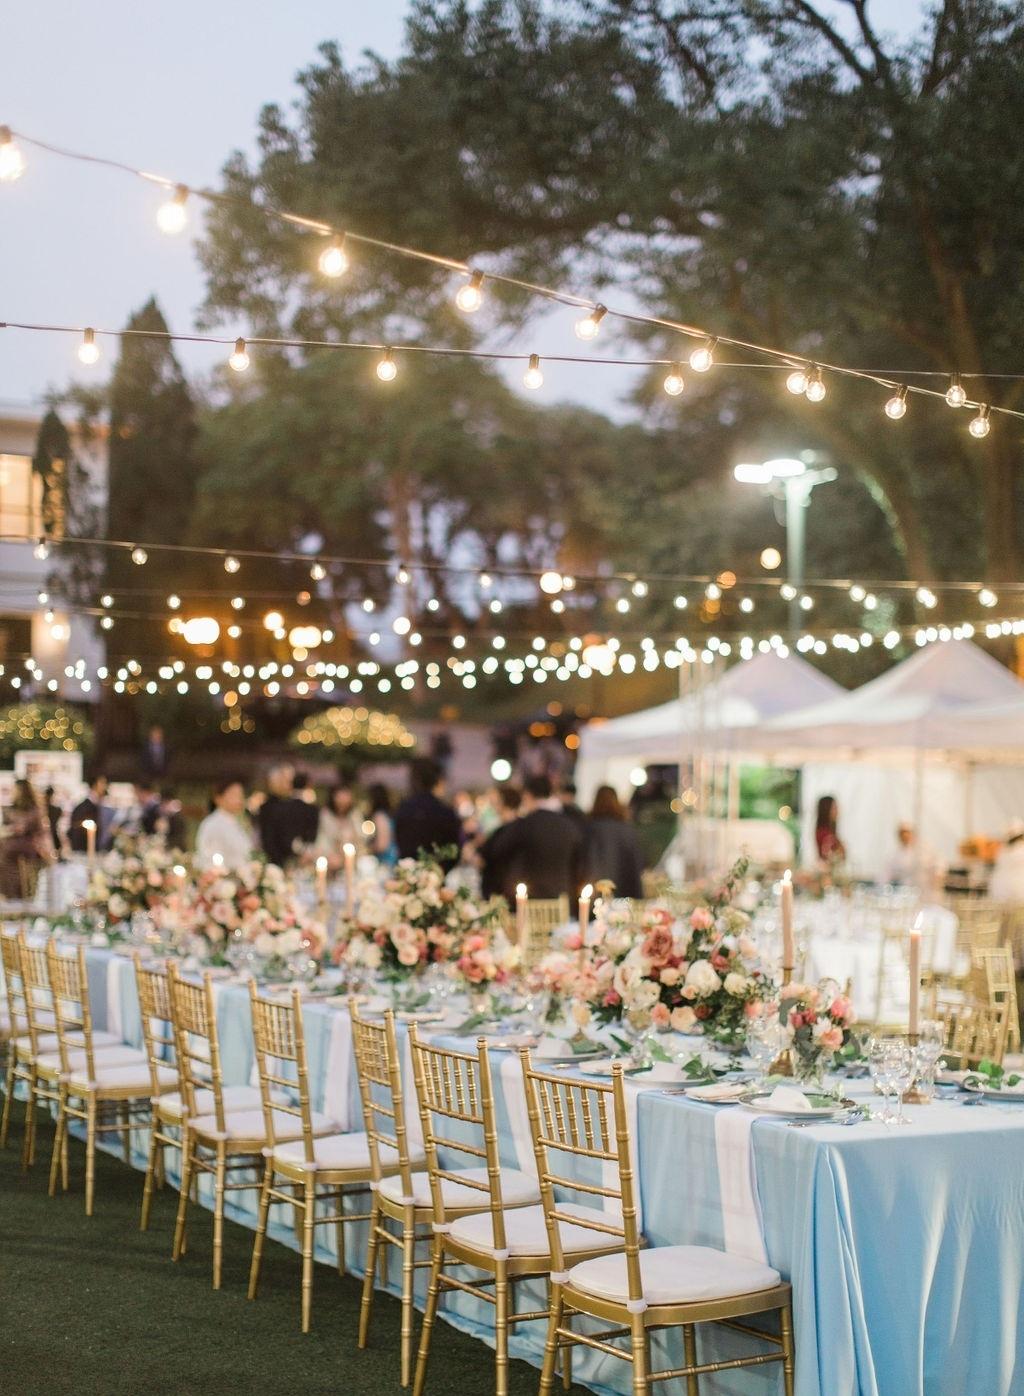 Peach Alfresco WeddingBeas River Country Club, HK - Mandy & Adrian